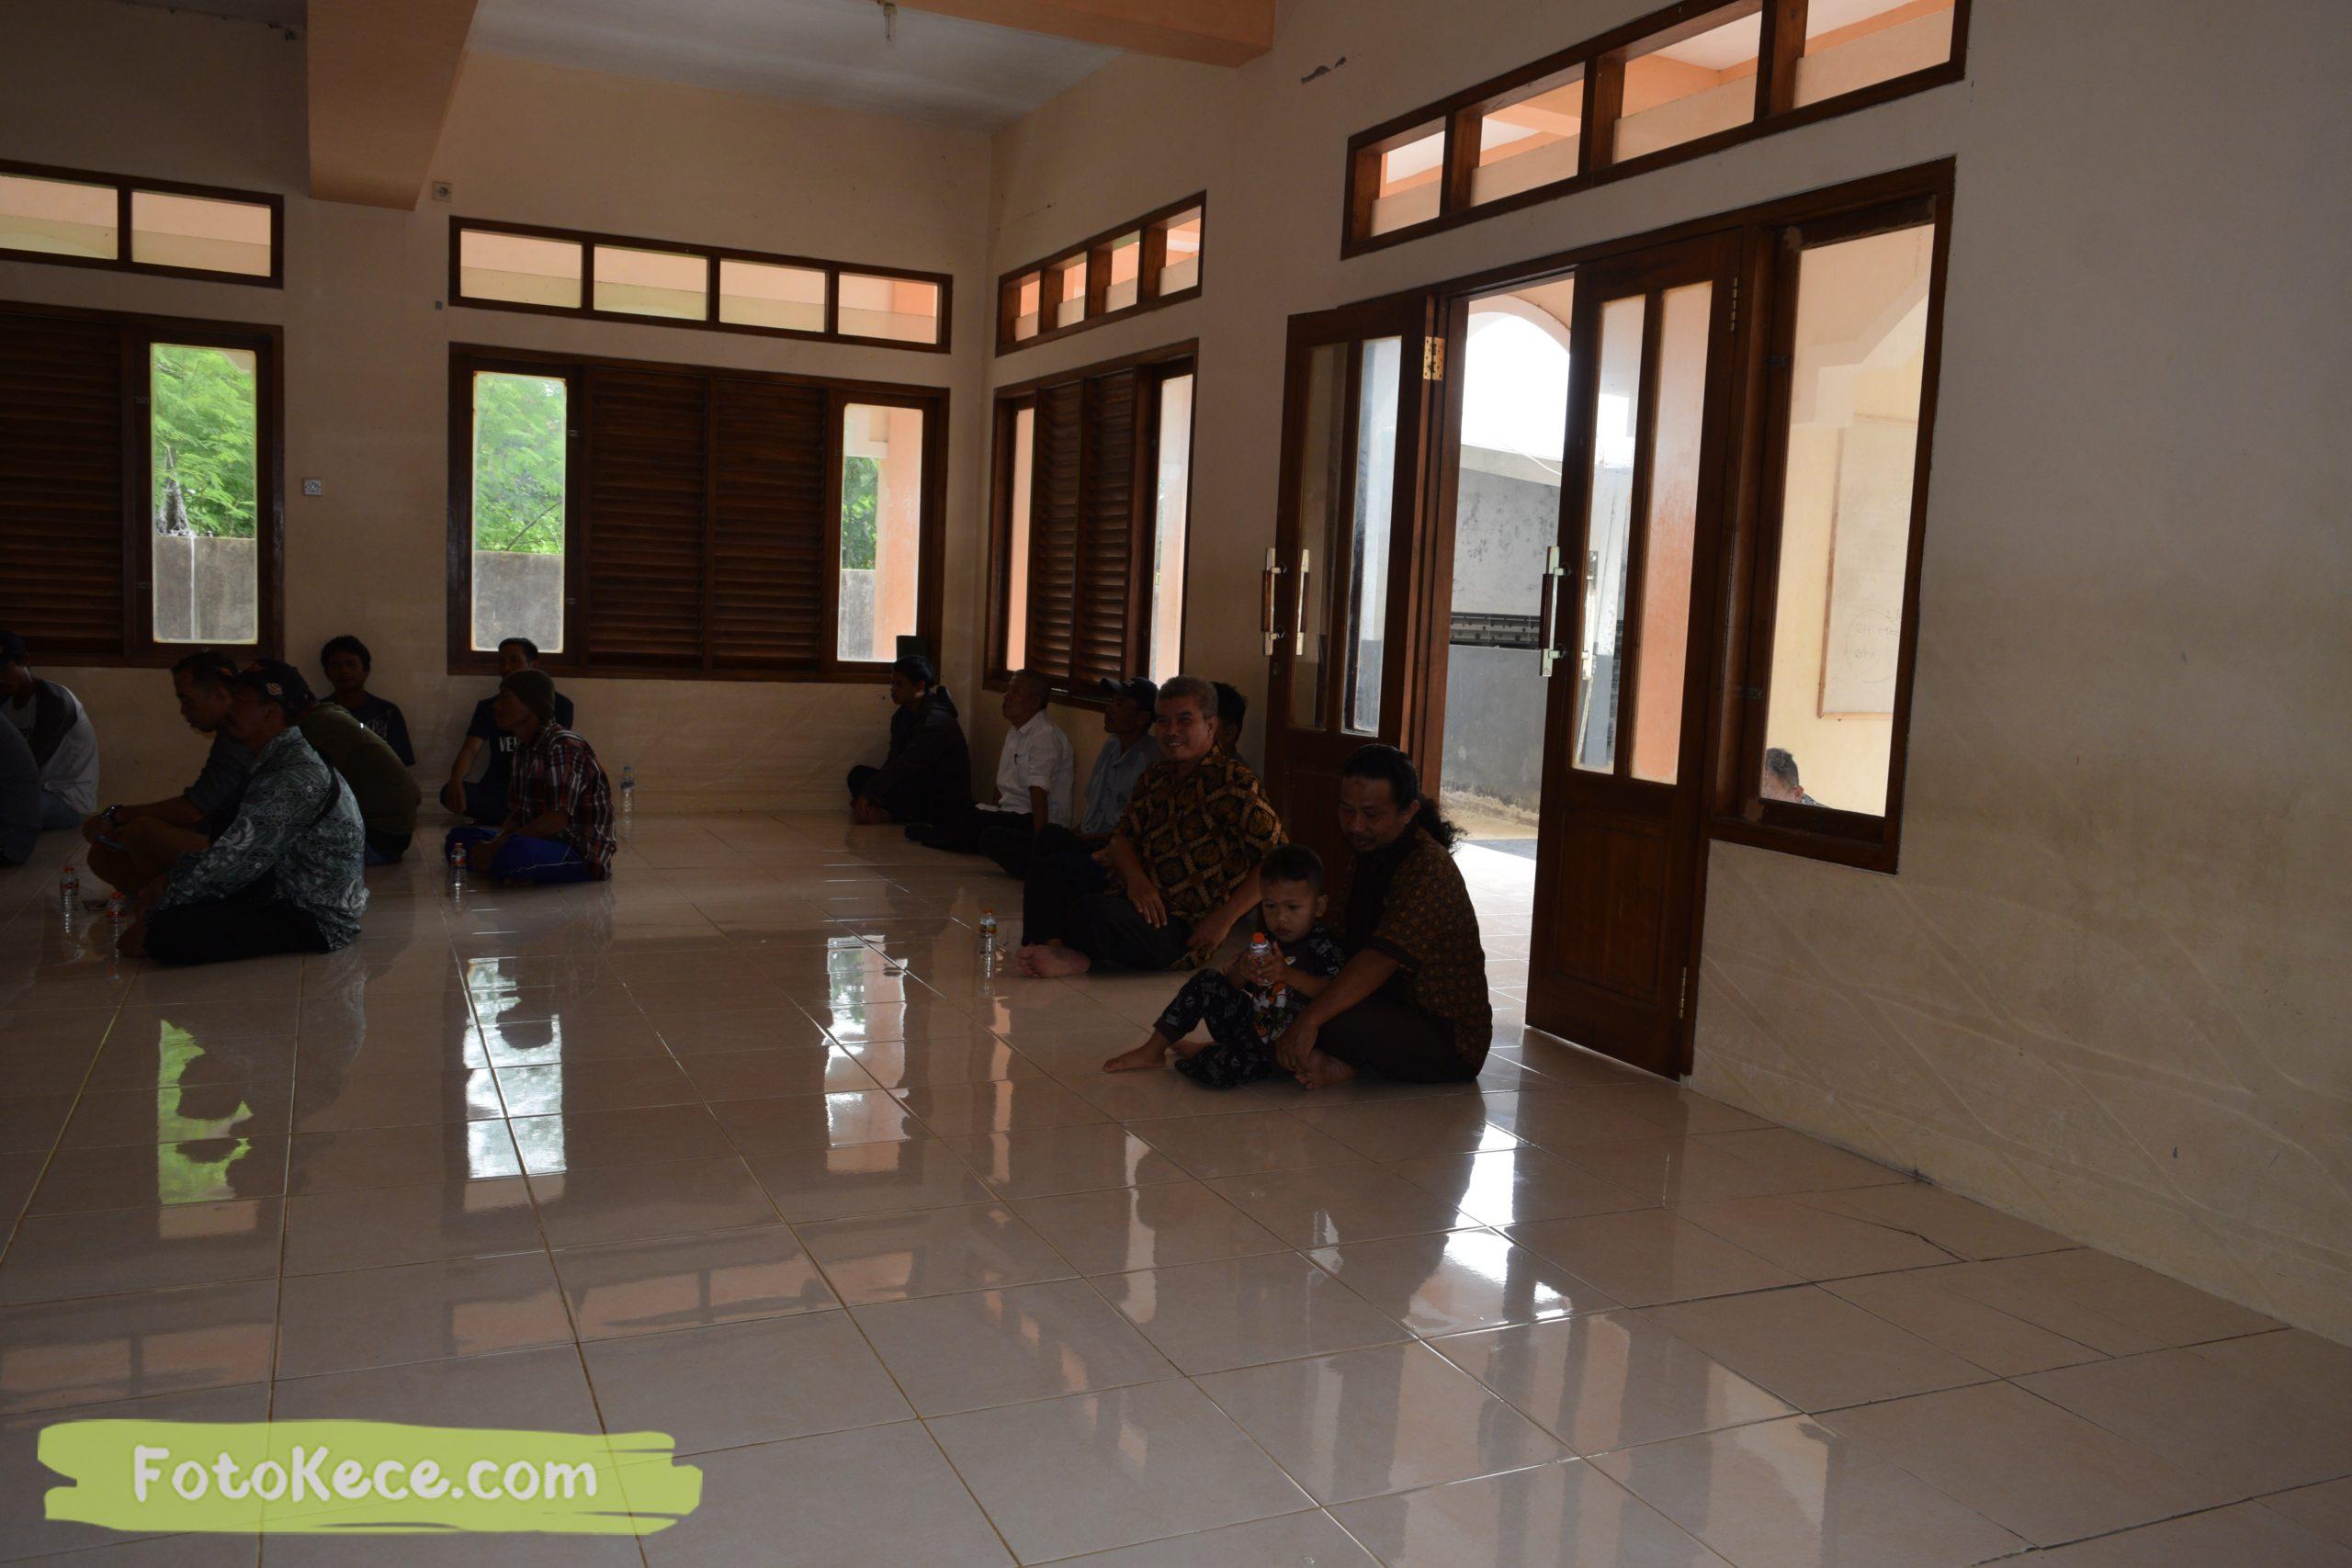 rapat komite ortu siswa kelas 9 masjid mtsn 2 sukabumi 05022020 foto kece poto kece 44 scaled